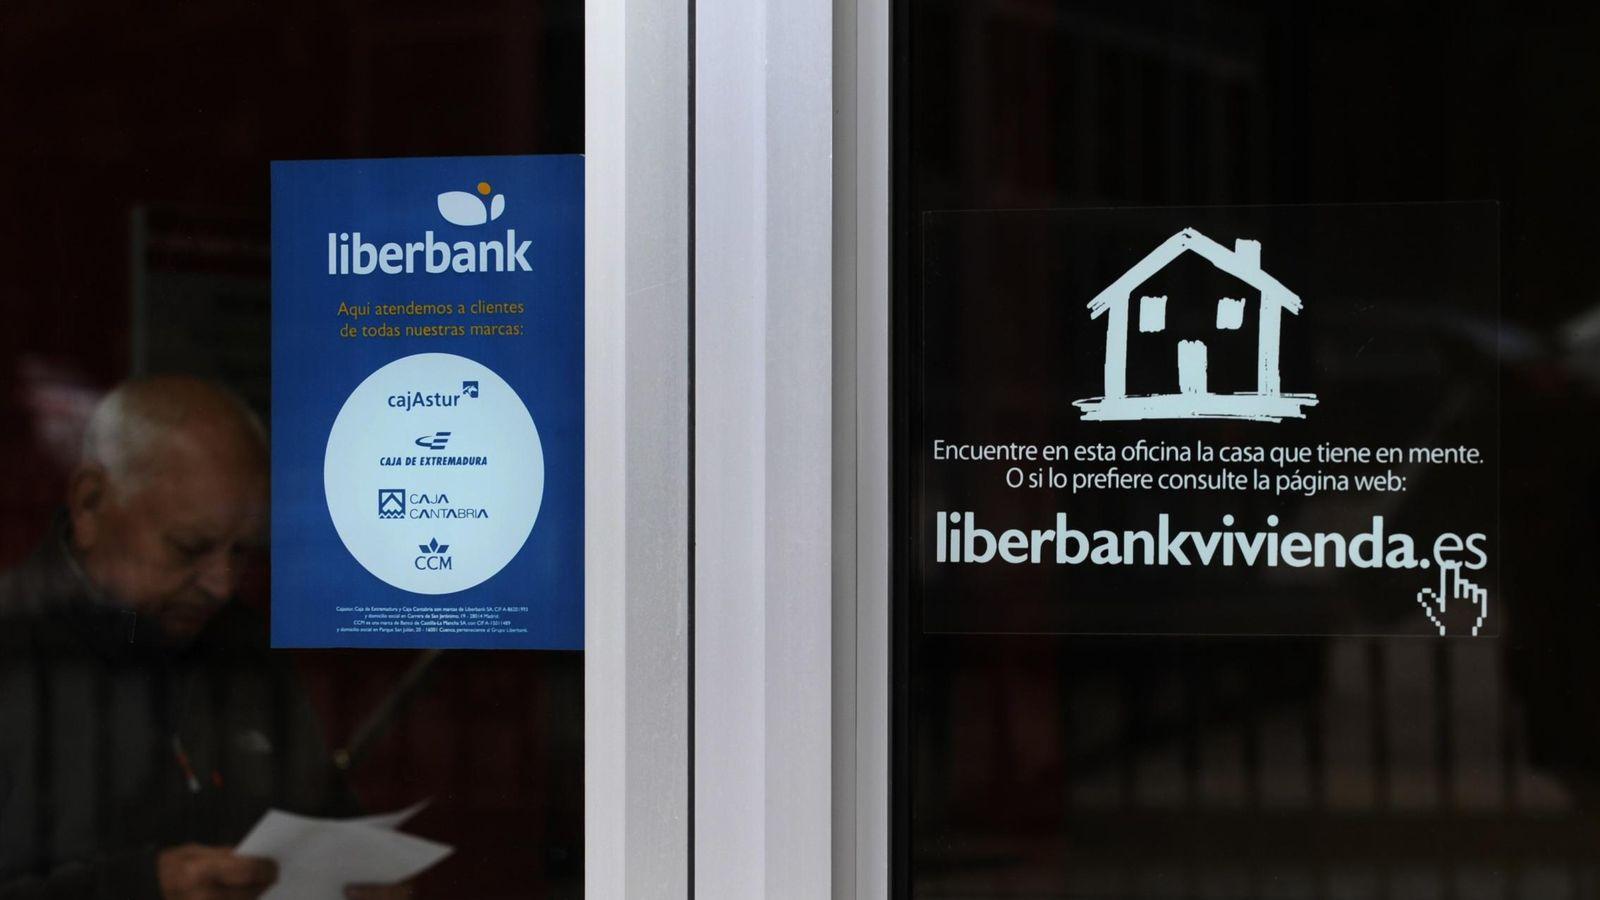 Noticias De Liberbank Liberbank Da El Paso Y Lanza La